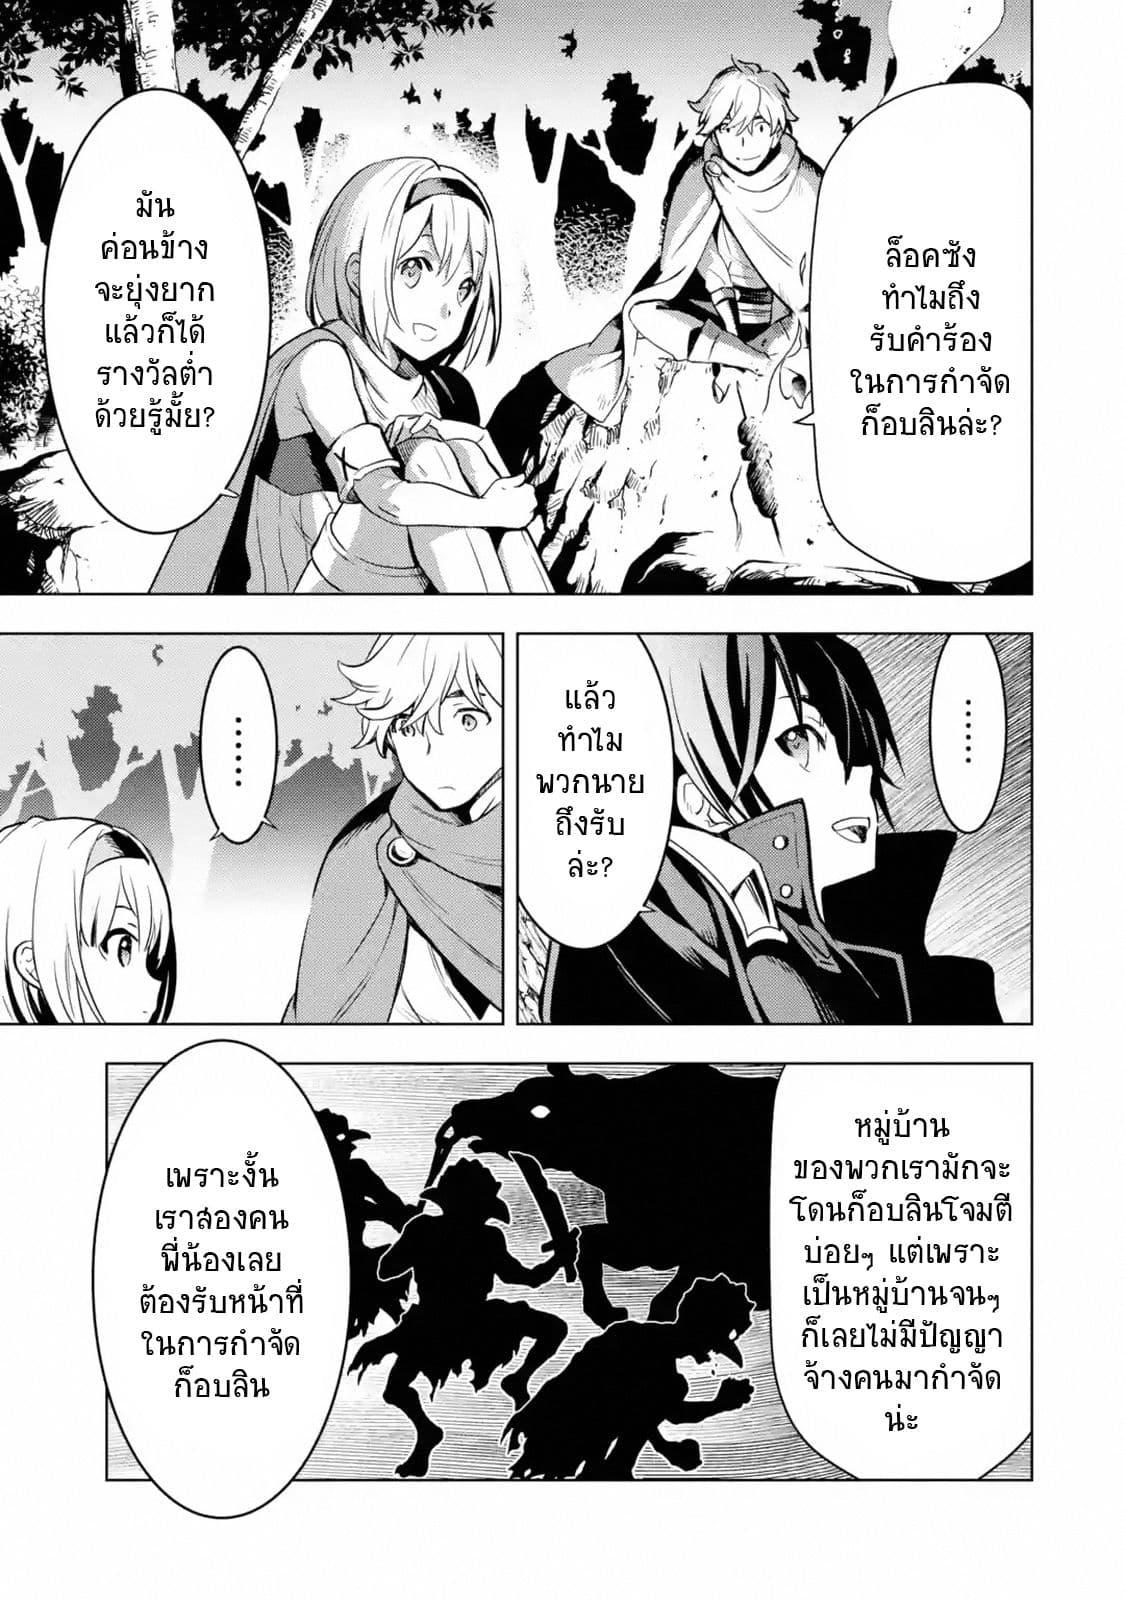 อ่านการ์ตูน Koko wa Ore ni Makasete Saki ni Ike to Itte kara 10 Nen ga Tattara Densetsu ni Natteita ตอนที่ 2 หน้าที่ 20